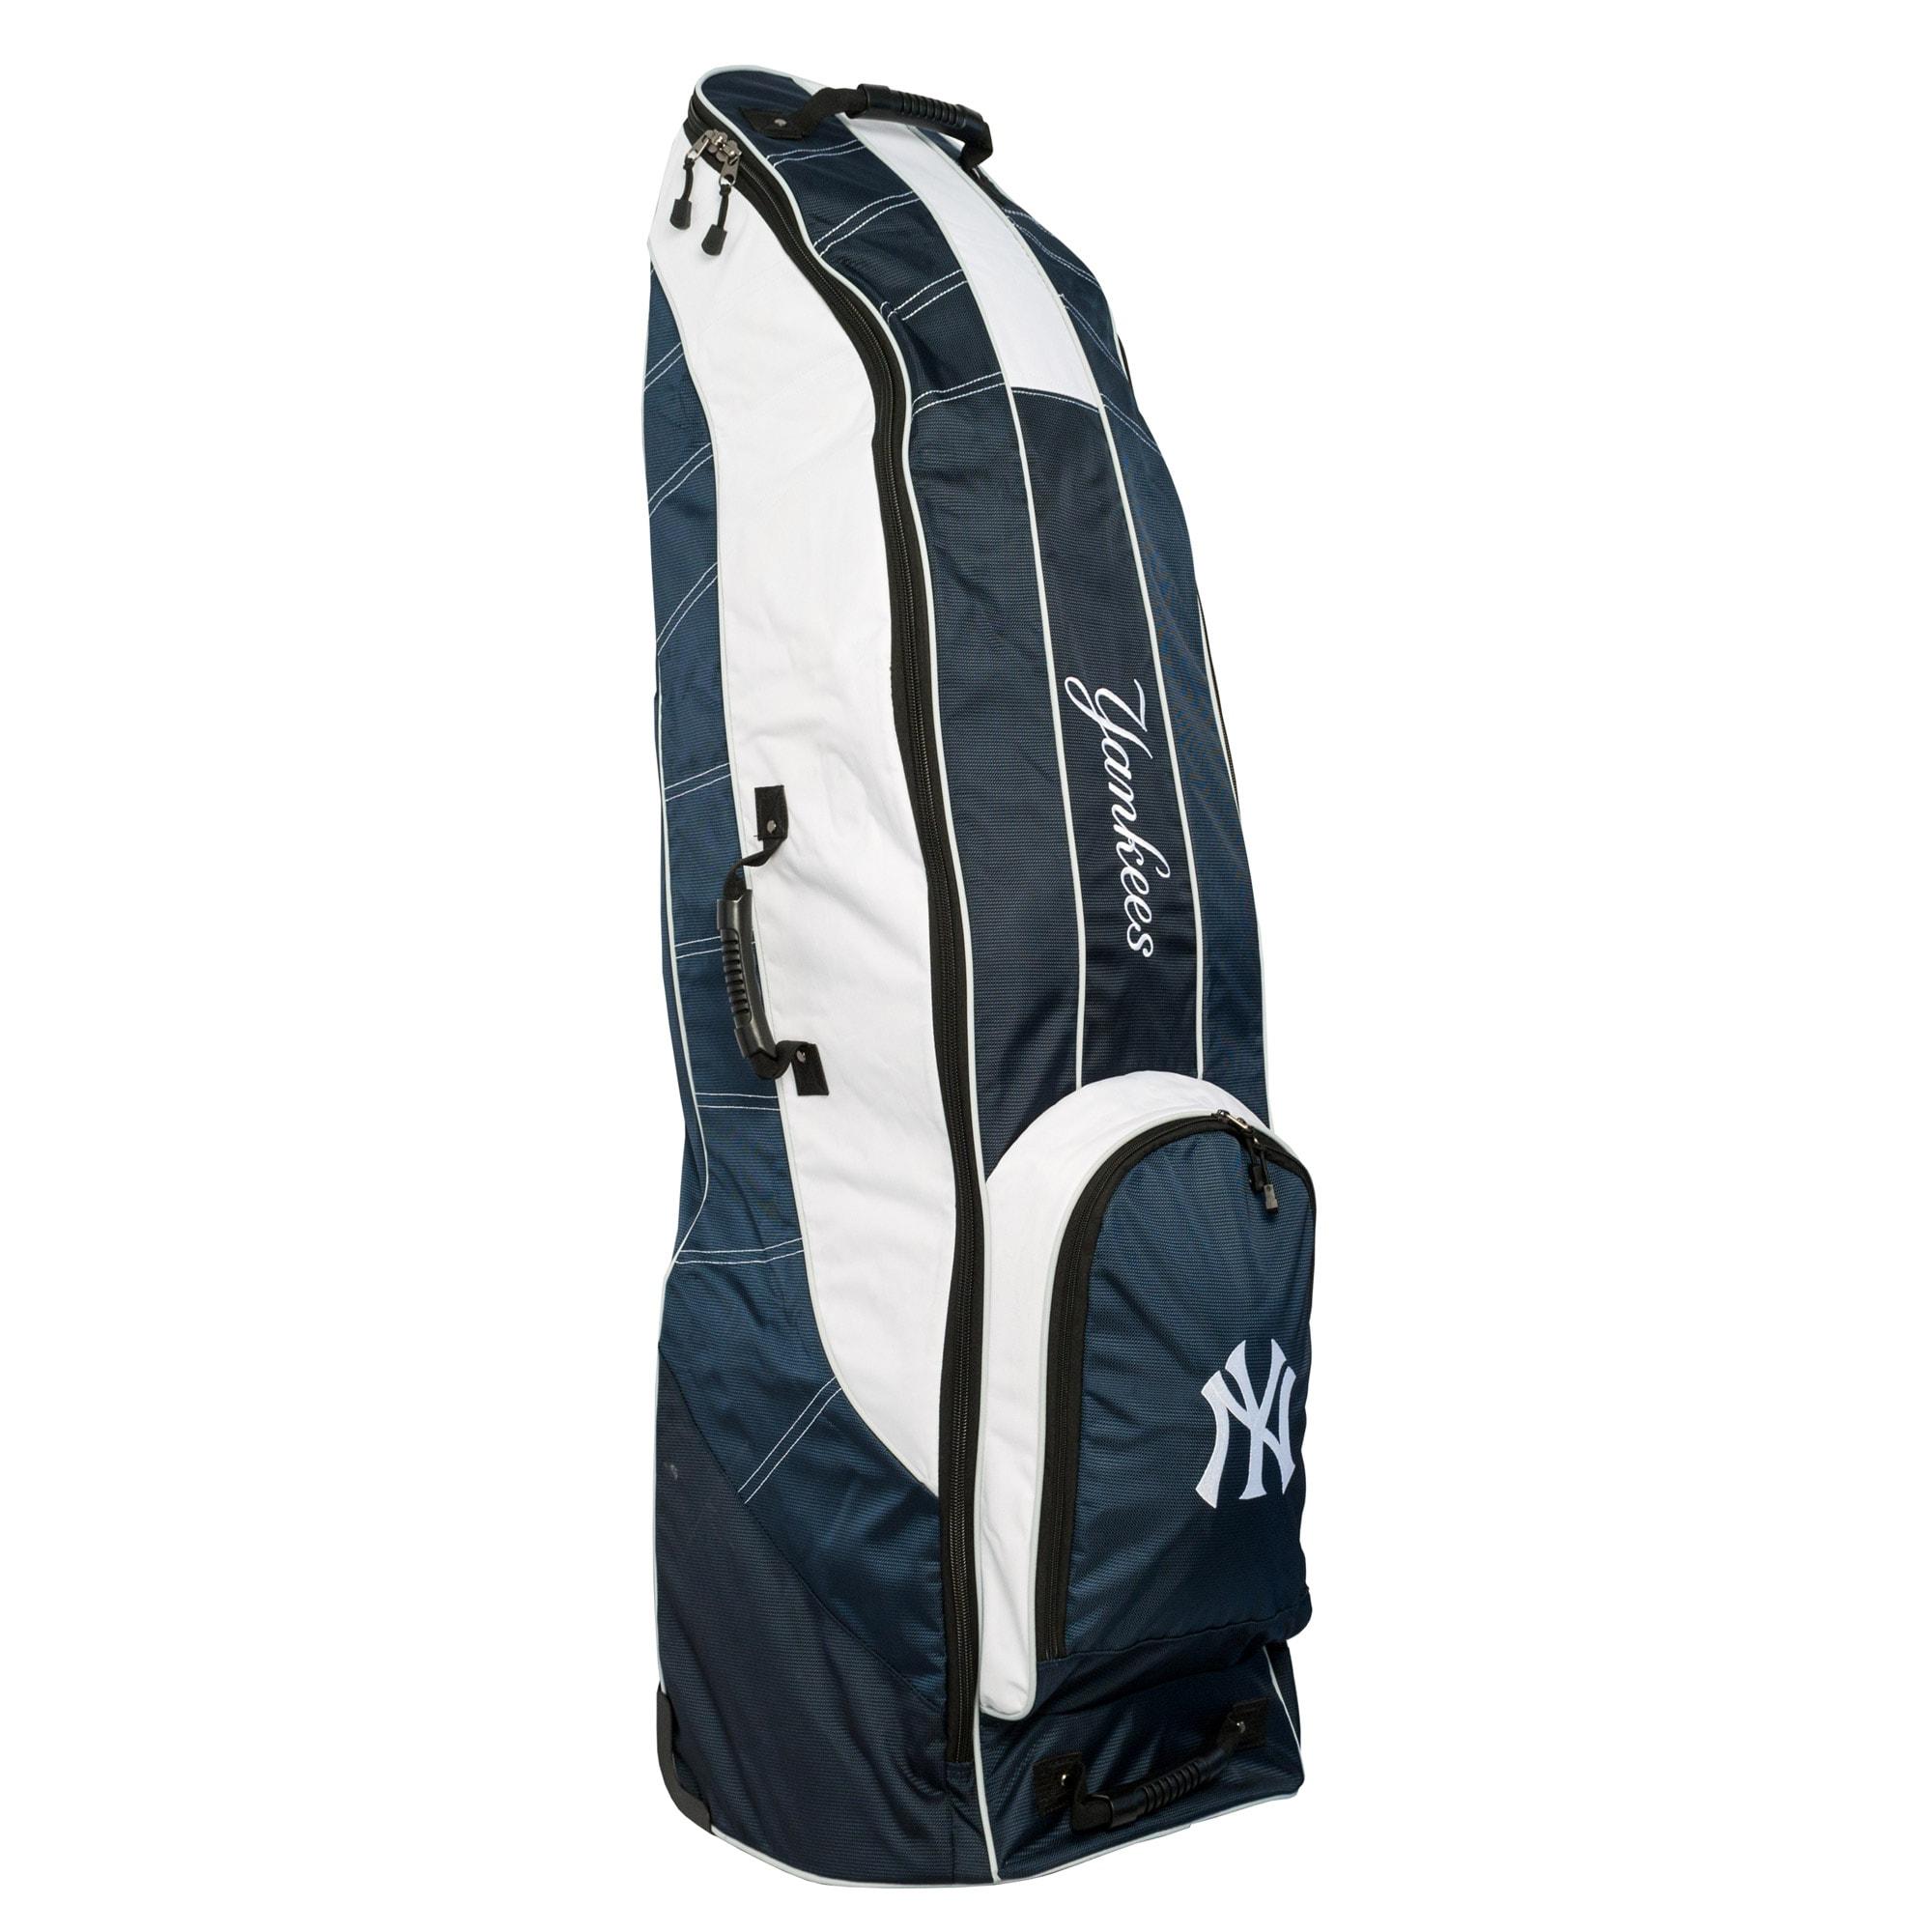 New York Yankees Team Golf Travel Bag